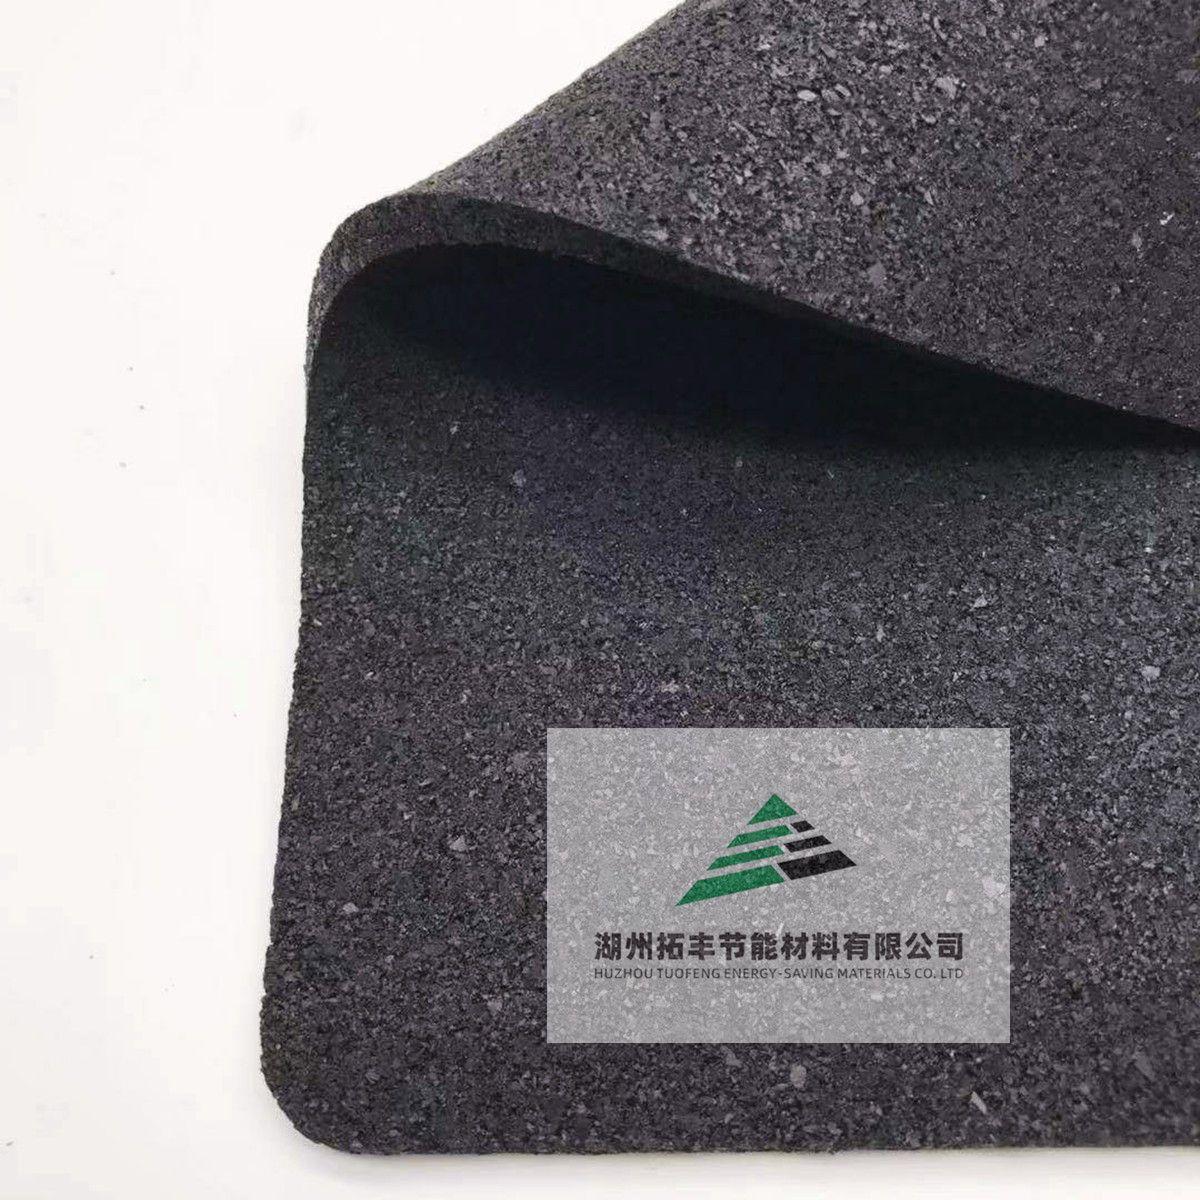 橡胶减振垫出售,建筑工程隔音减震专用